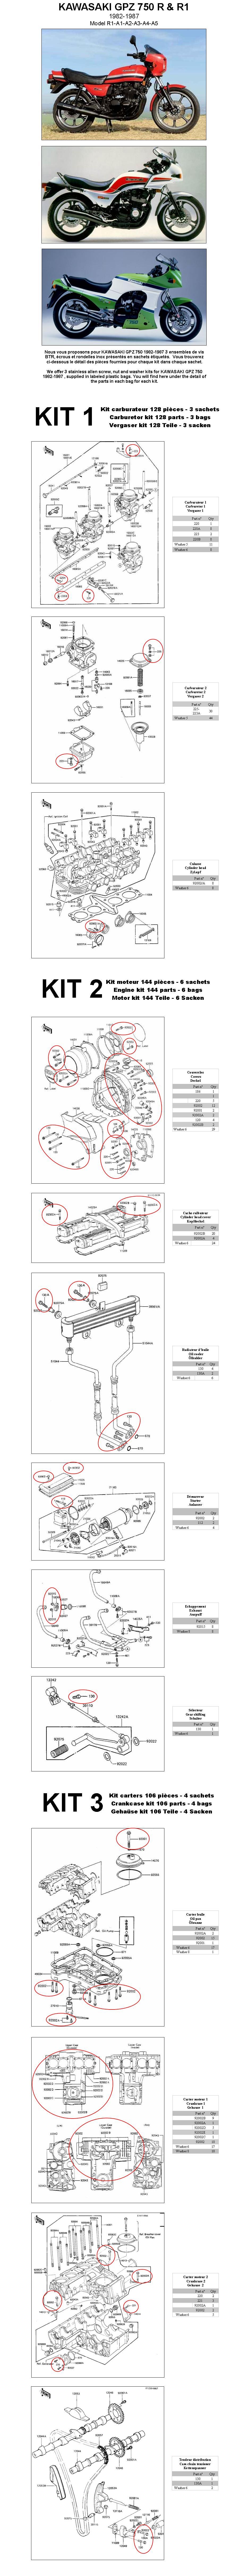 82 Gpz750 Wiring Diagram - Catalogue of Schemas on 1996 jeep cherokee ac wiring diagram, 1973 chevy nova wiring diagram, kawasaki electrical wiring diagram, kawasaki atv wiring diagram, light switch wiring diagram,